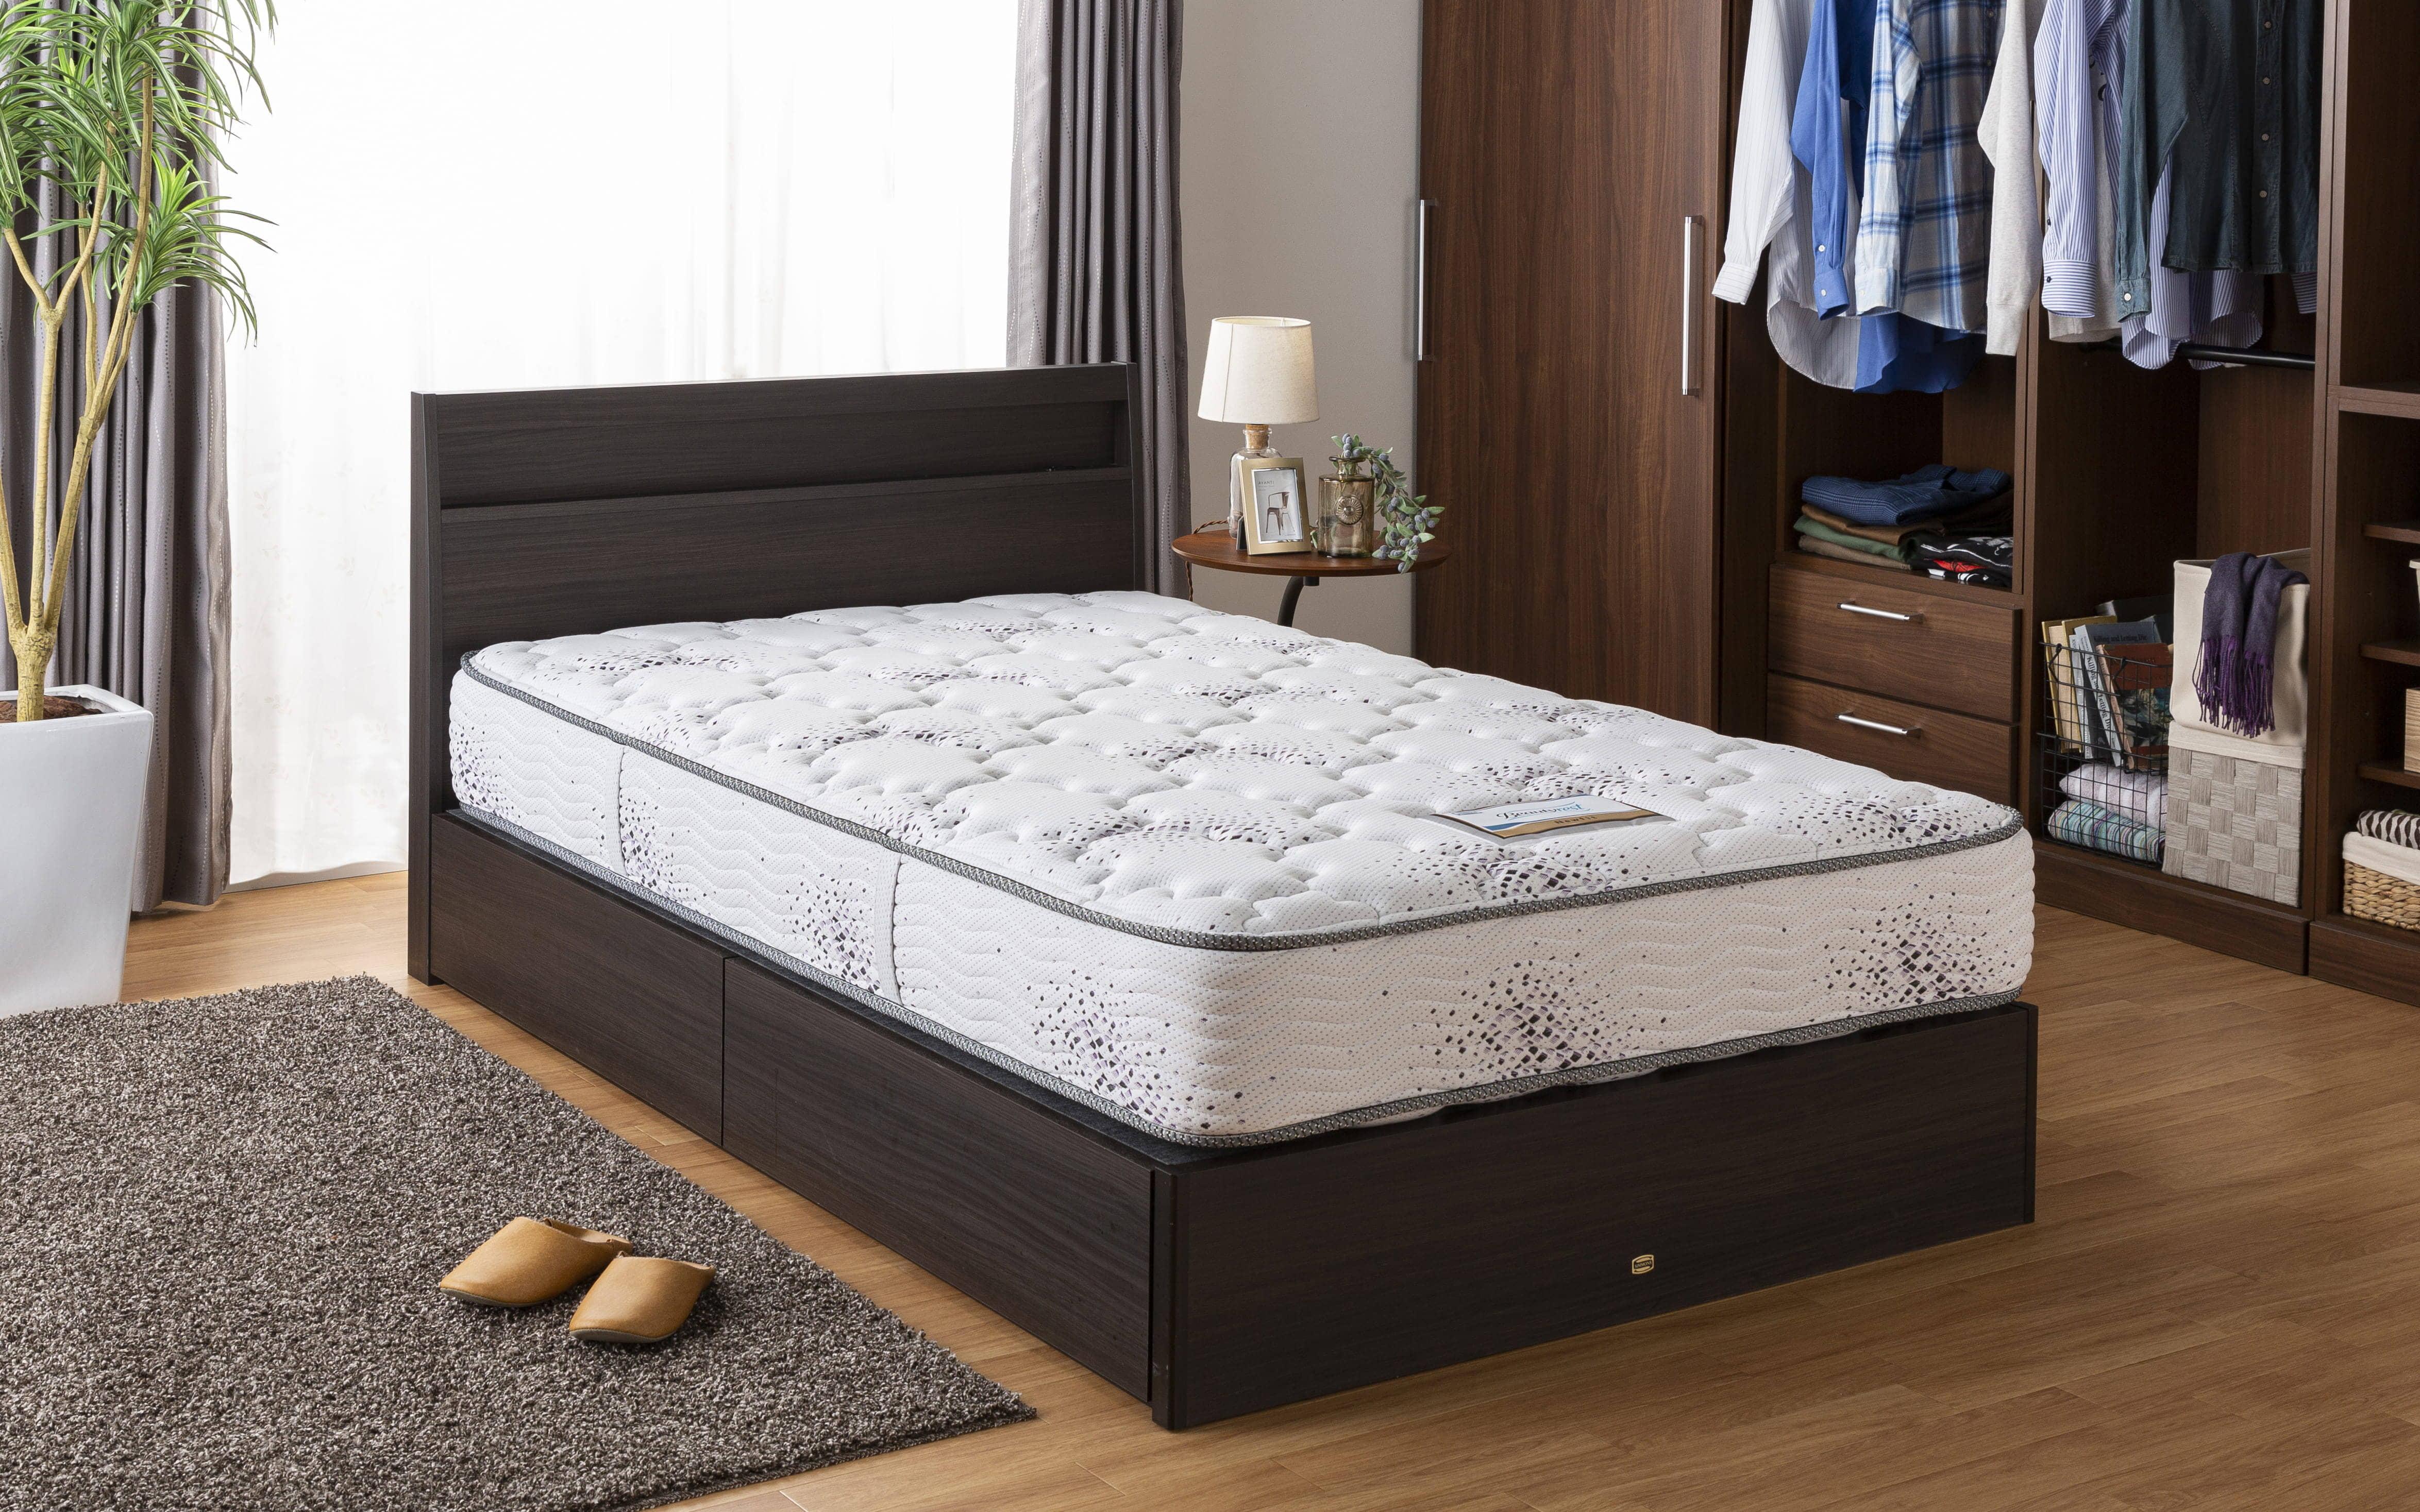 シモンズ 6.5インチニューフィット2 AB16S04(セミダブルマットレス):ホテルの寝心地をご自宅でも